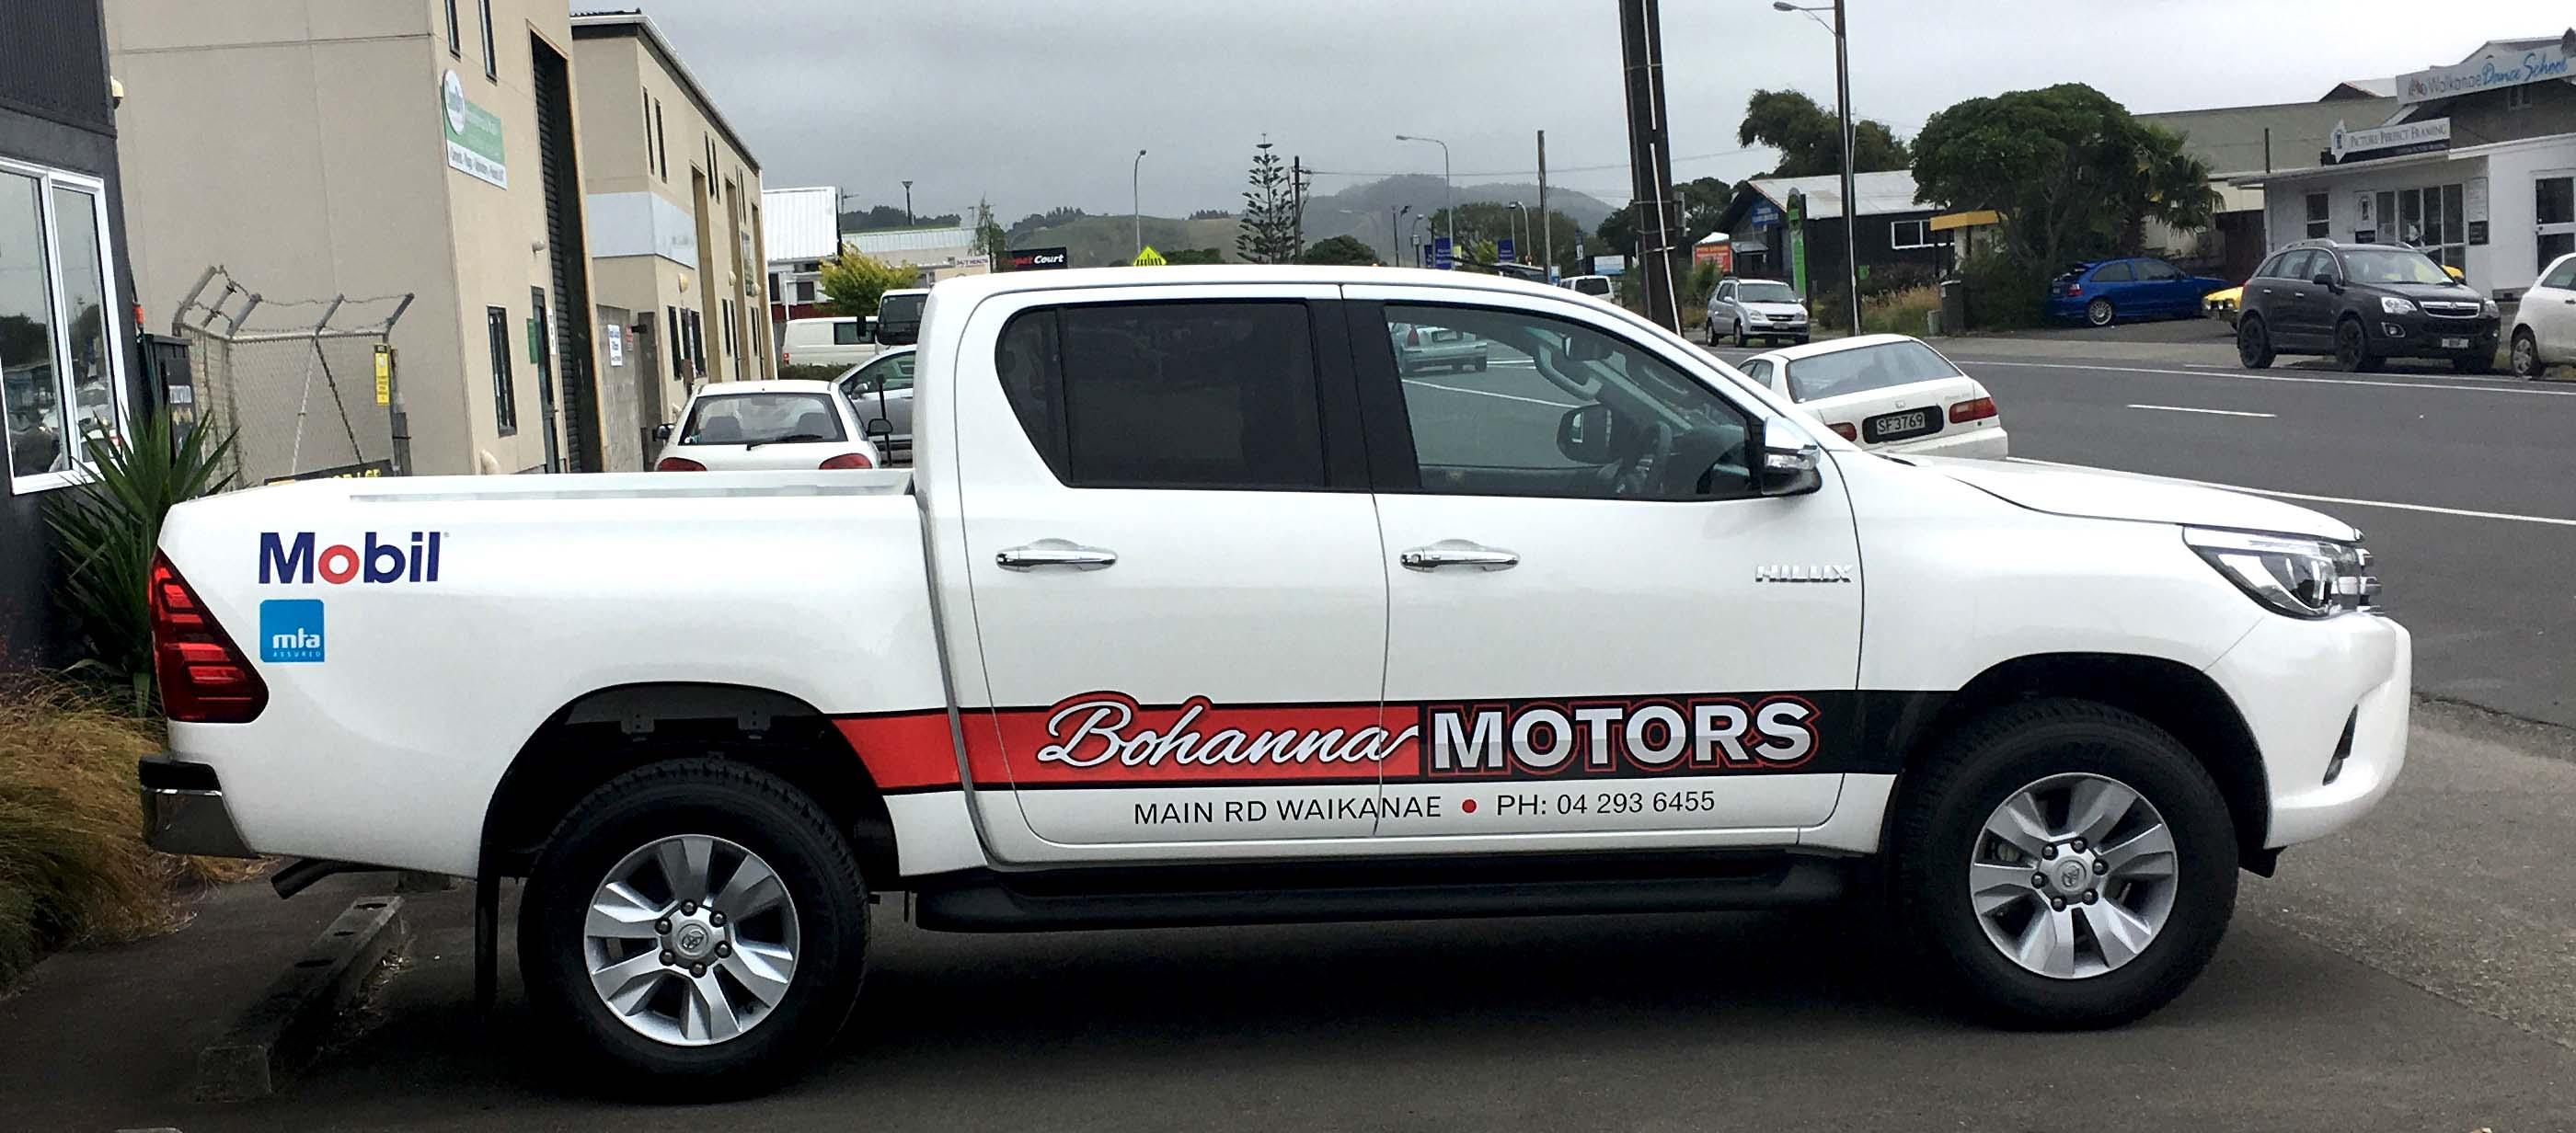 Bohanna Motors